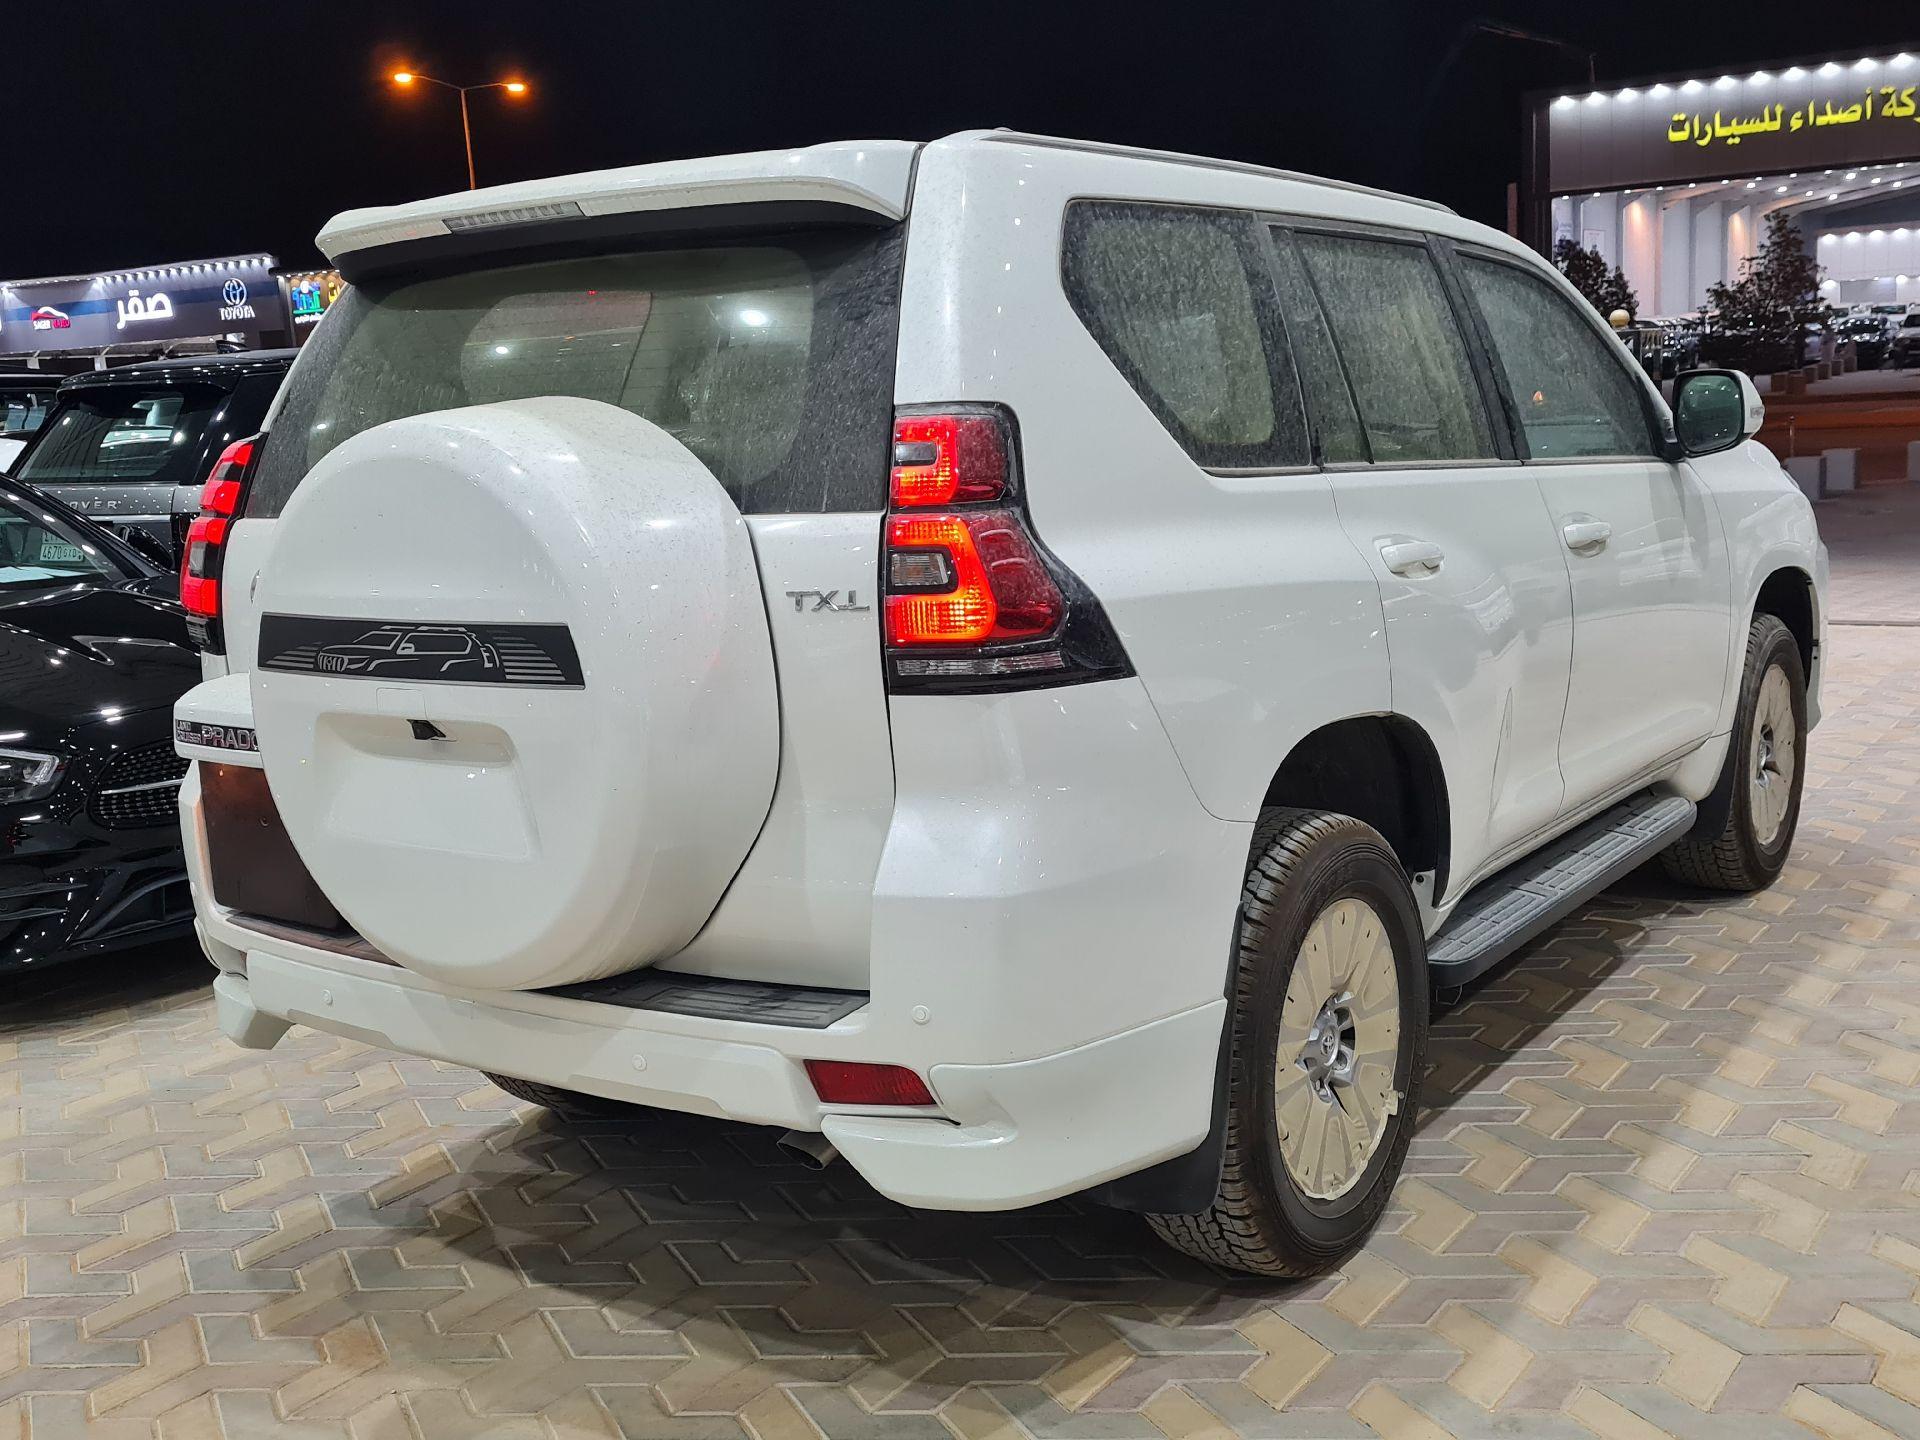 تويوتا برادو TXL1 فل 2021 دبل خليجي جديد للبيع في الرياض - السعودية - صورة كبيرة - 6